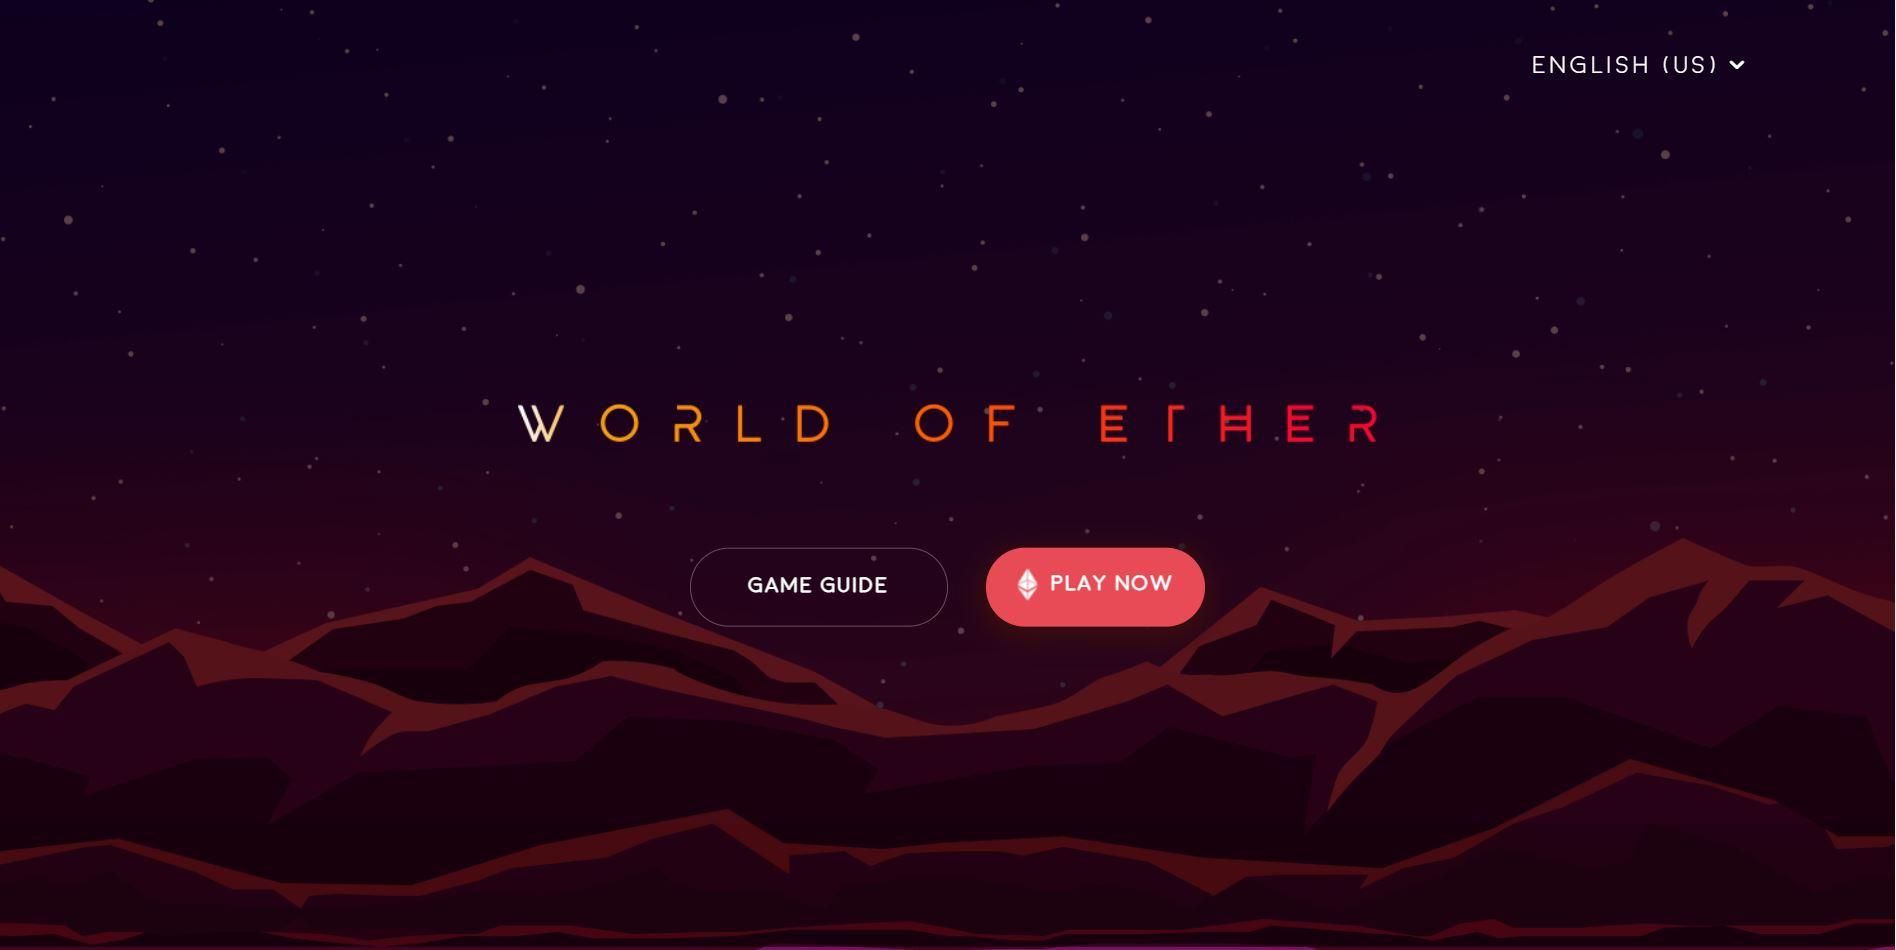 World of Ether Marketplace